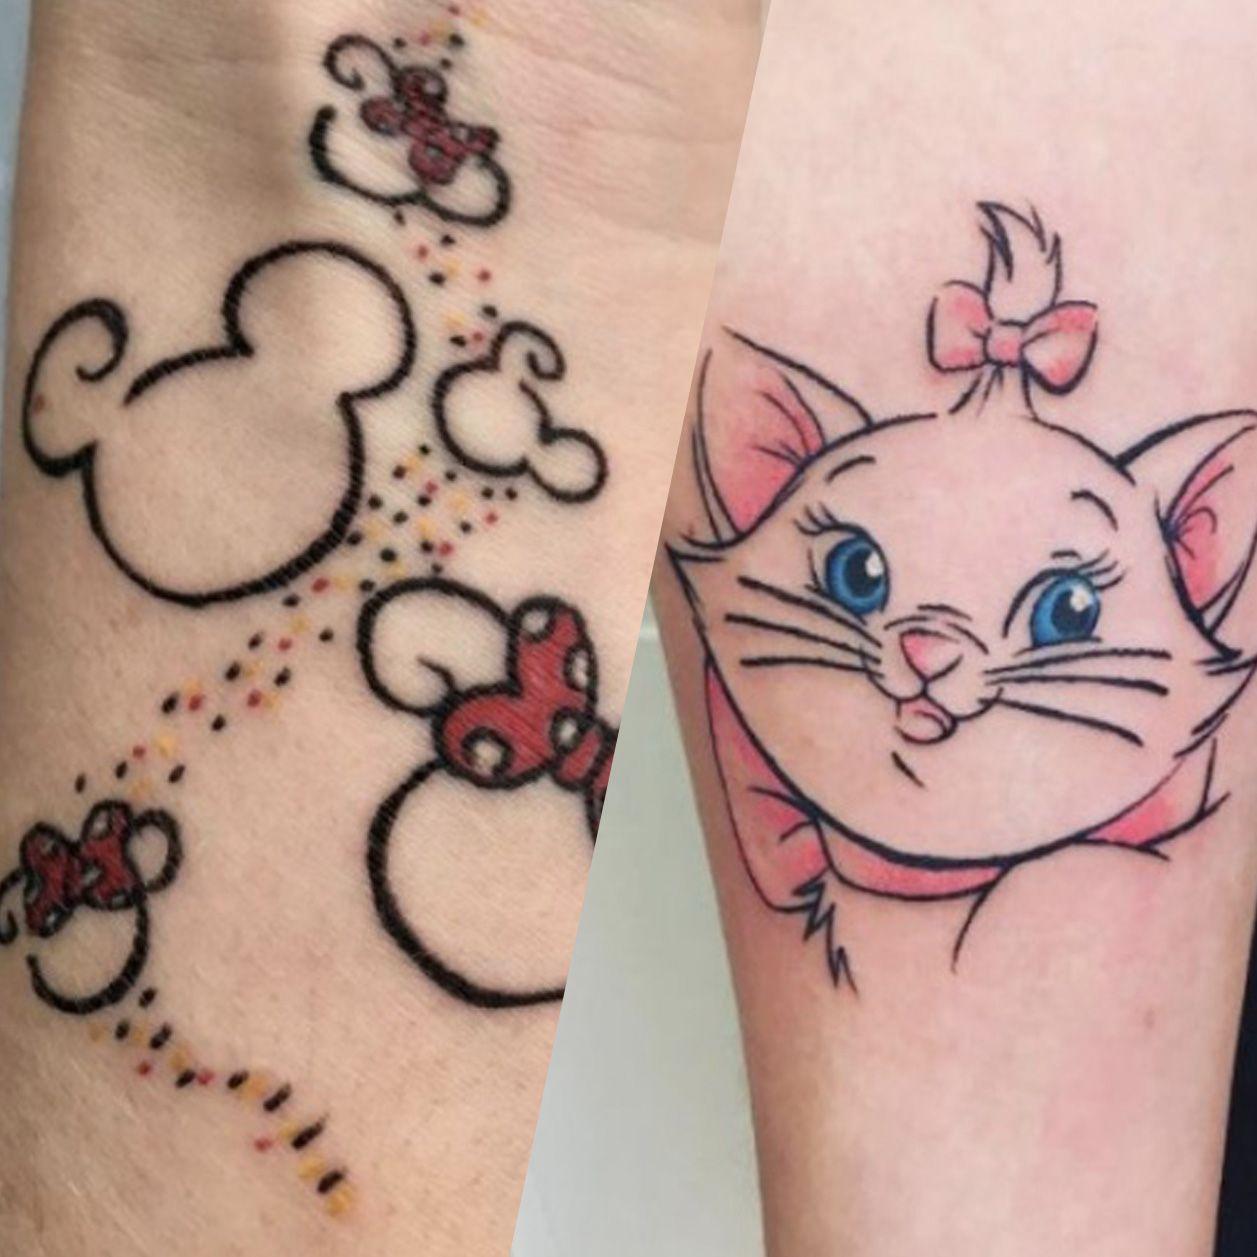 60 id es de tatouages disney pour retomber en enfance. Black Bedroom Furniture Sets. Home Design Ideas